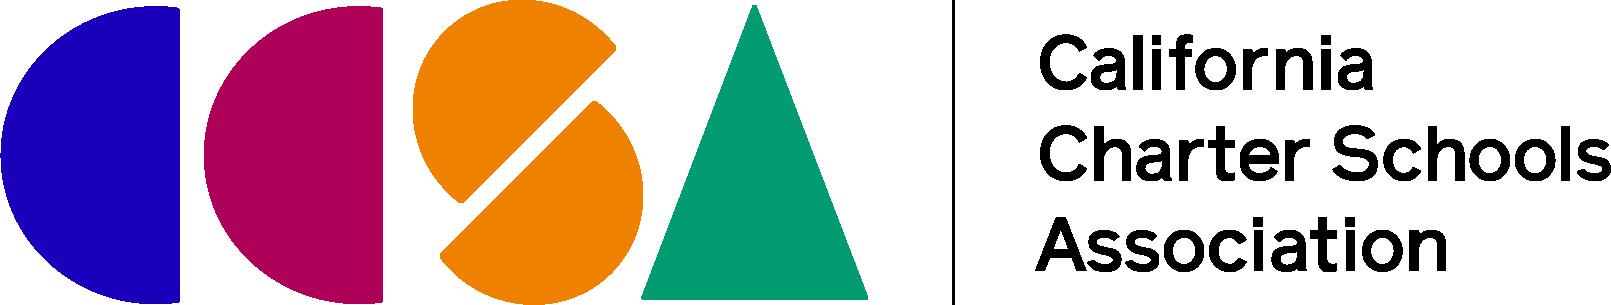 CCSA_Logo_COLOR.png